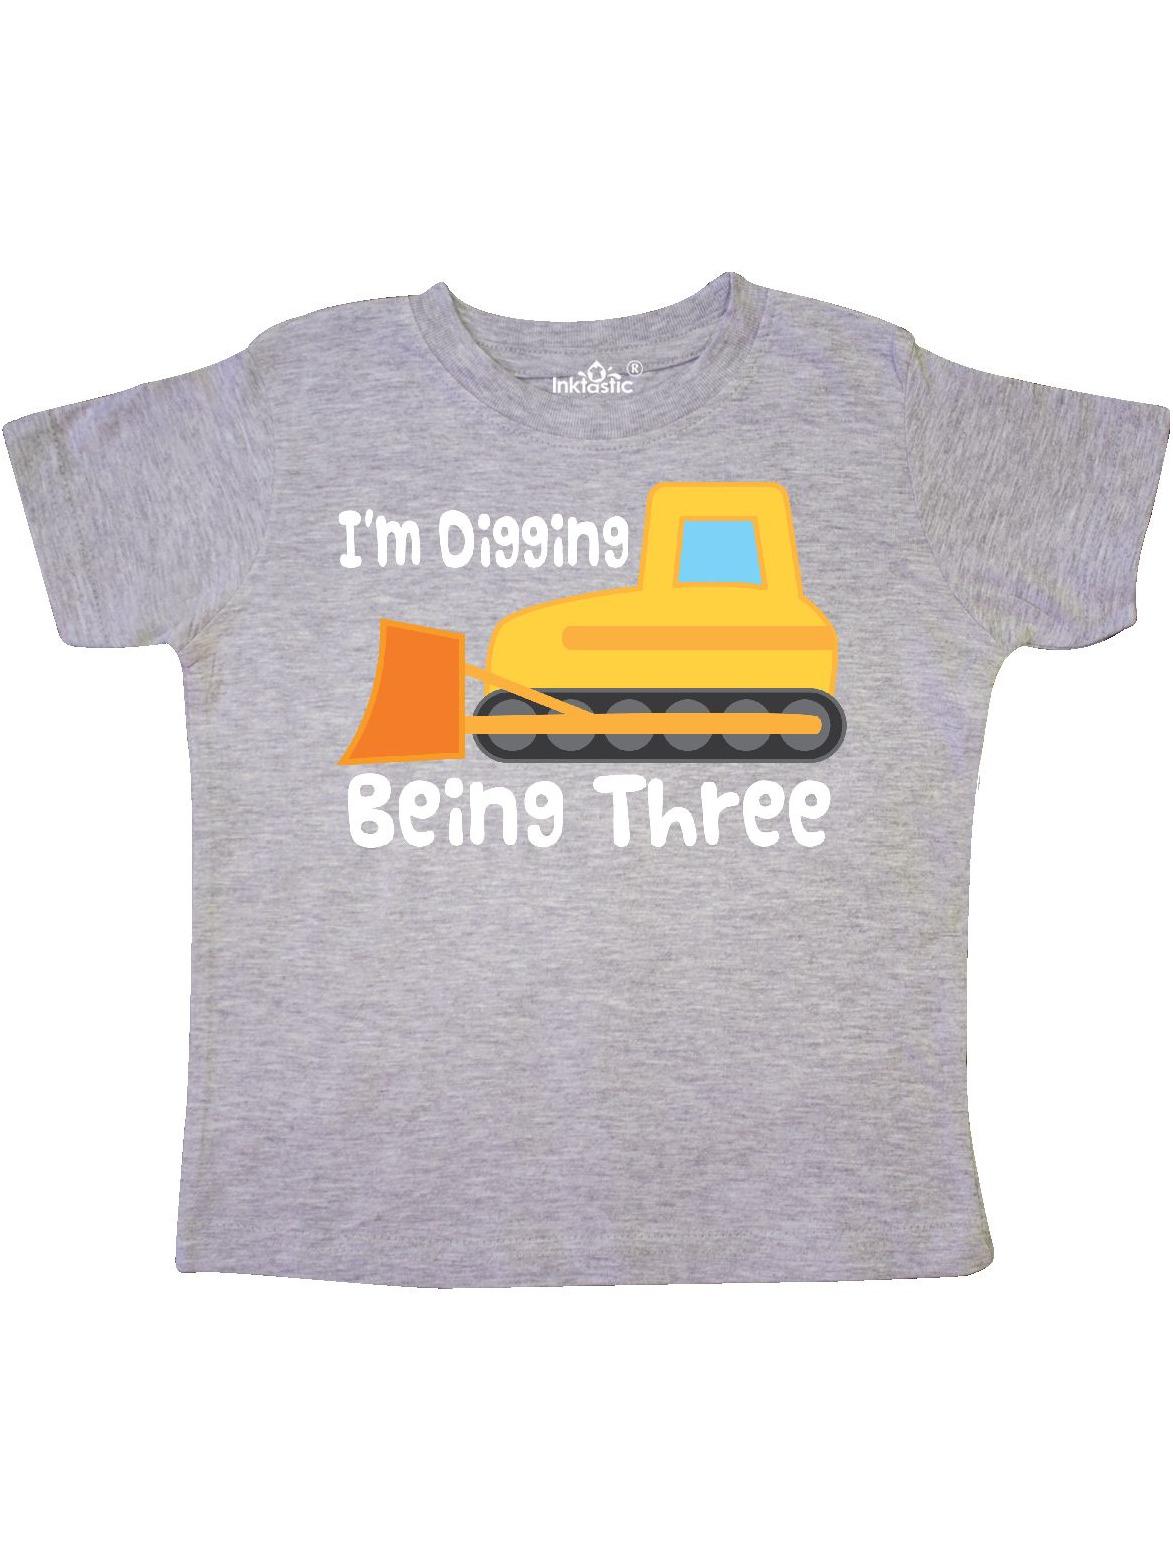 3 Year Old Birthday Bulldozer Toddler T-Shirt